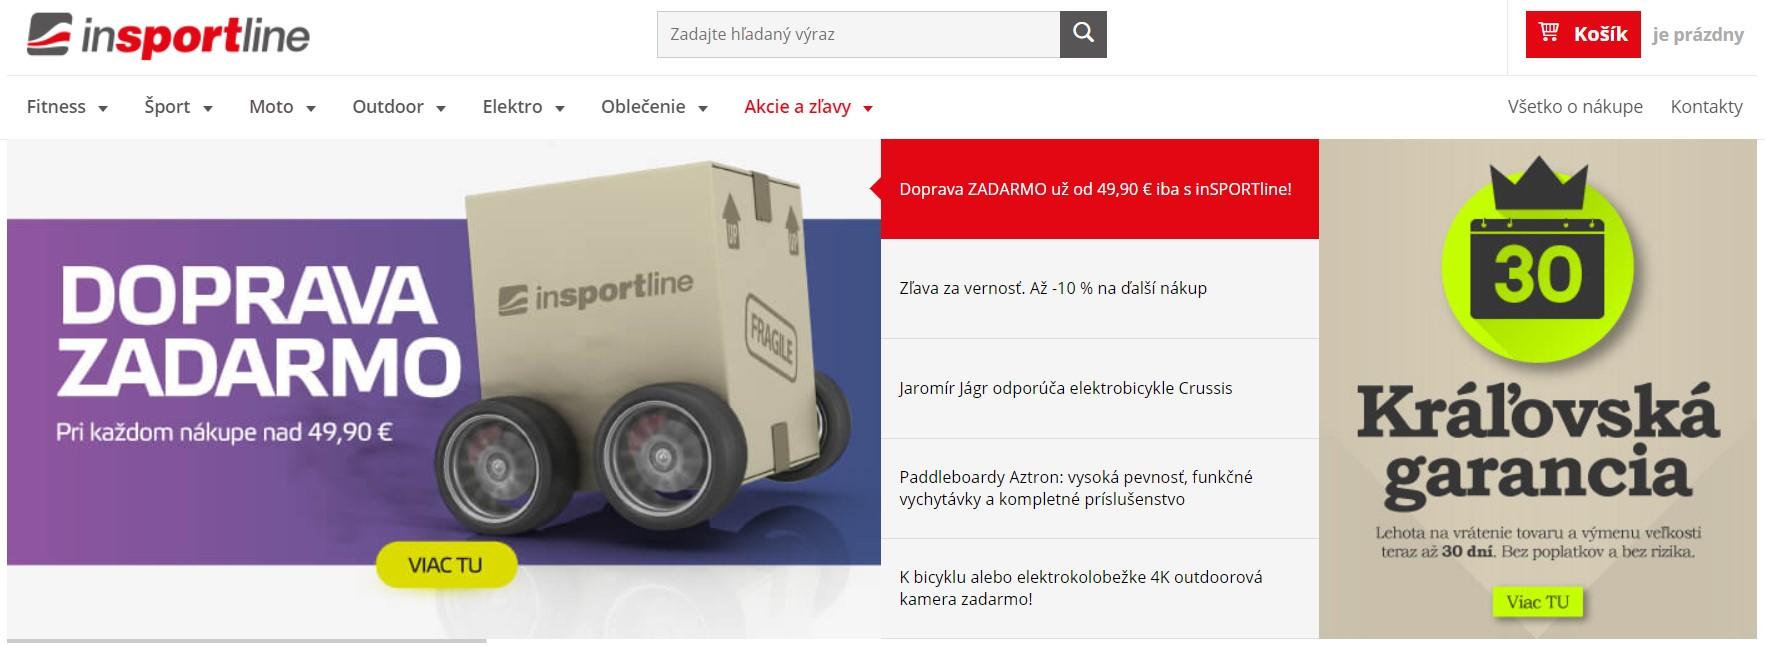 Internetový obchod Insportline.sk